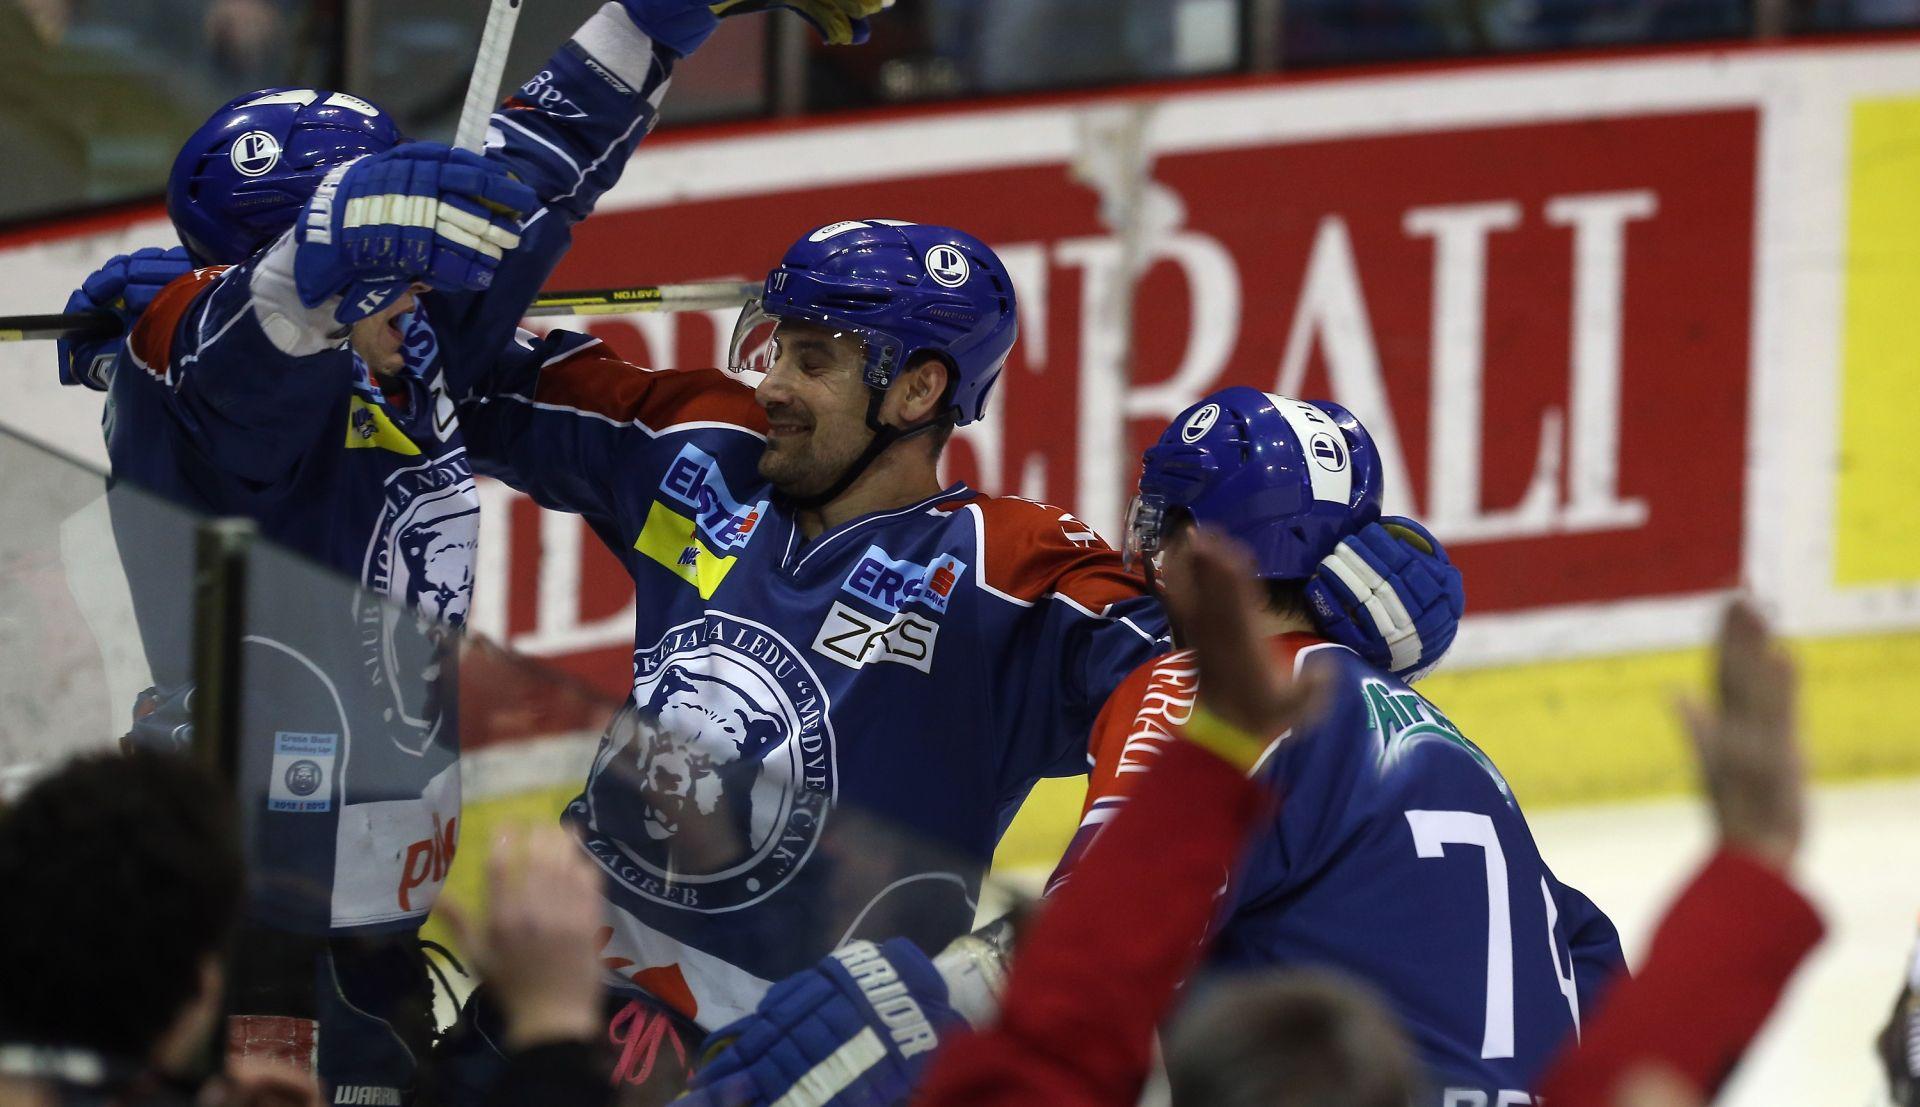 KHL Medveščak slavio u Rigi, za dva dana u Dom sportova stiže Spartak Moskva